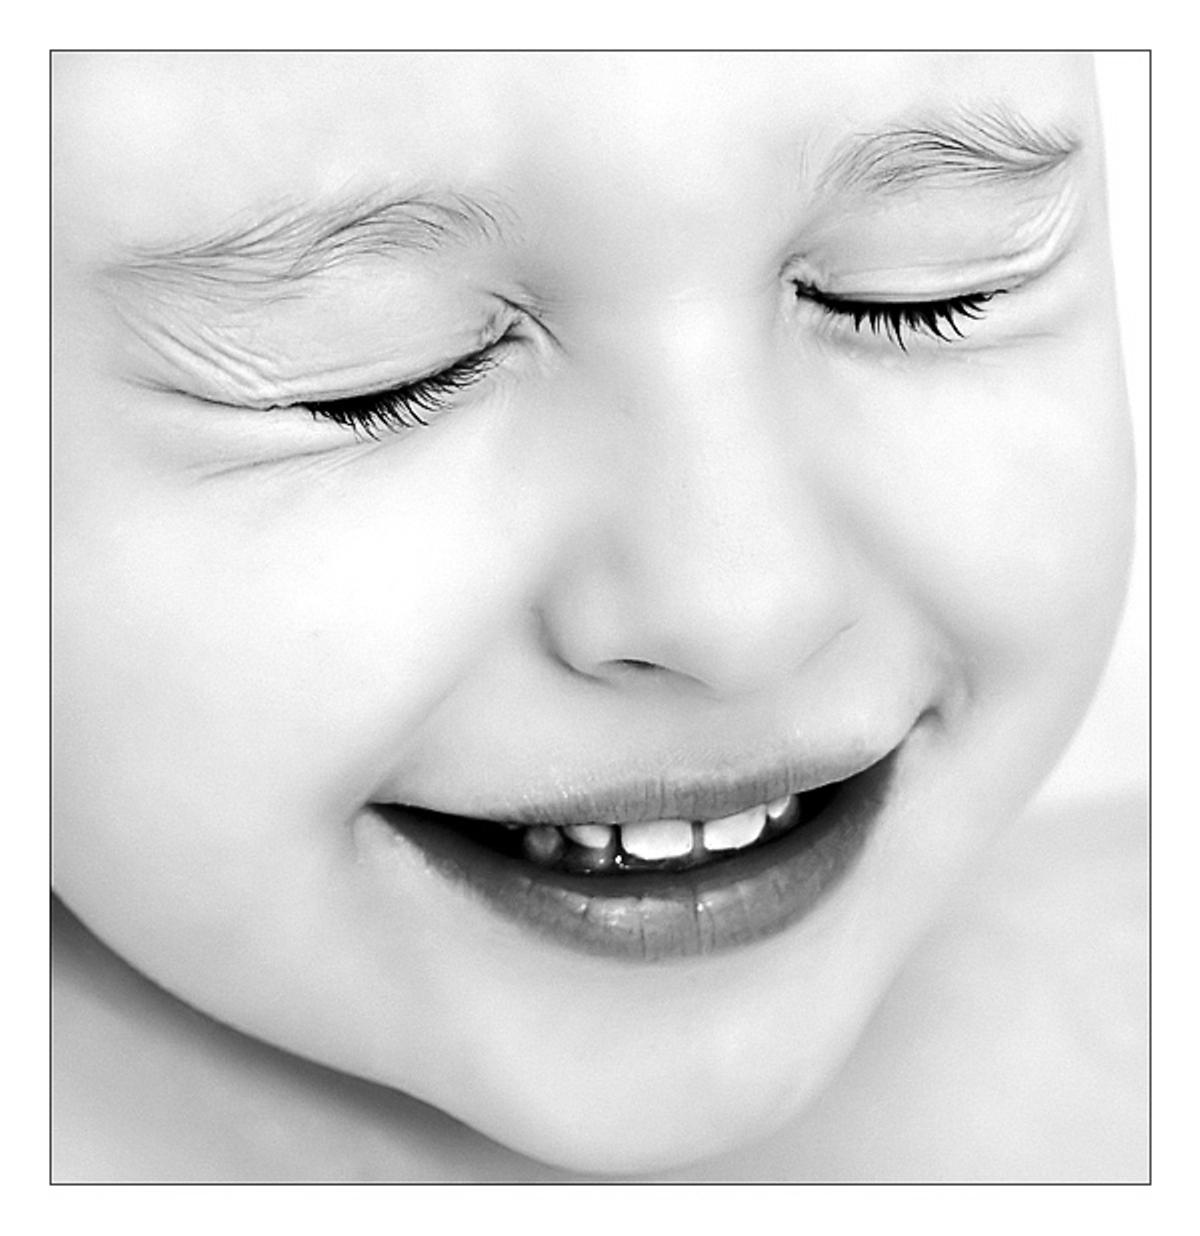 عکس بچه کوچولوهای ناز و زیبا